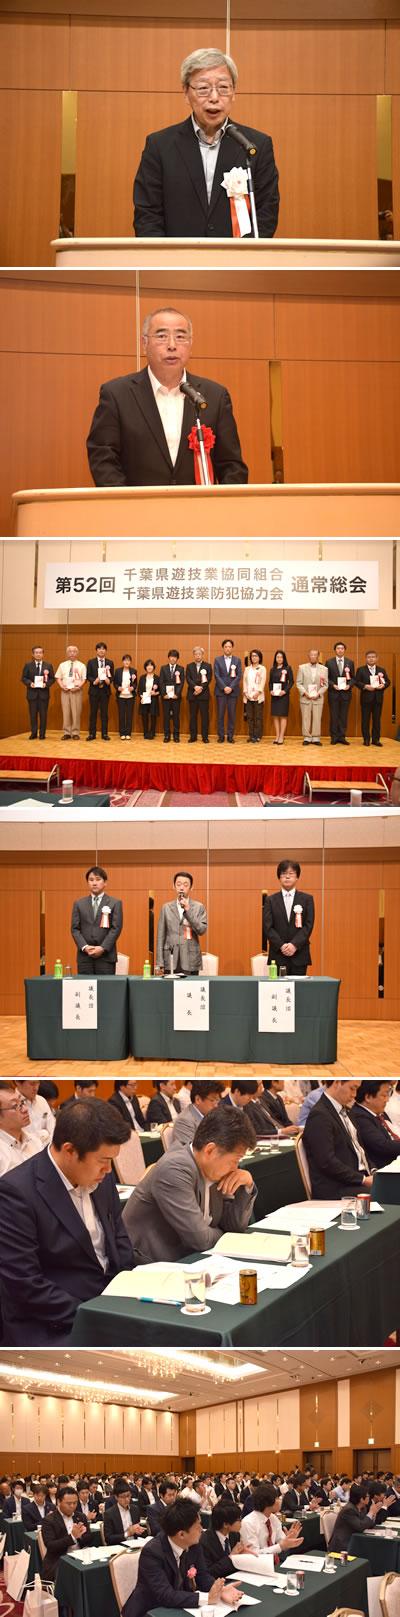 20180611_soukai_chiba.jpg